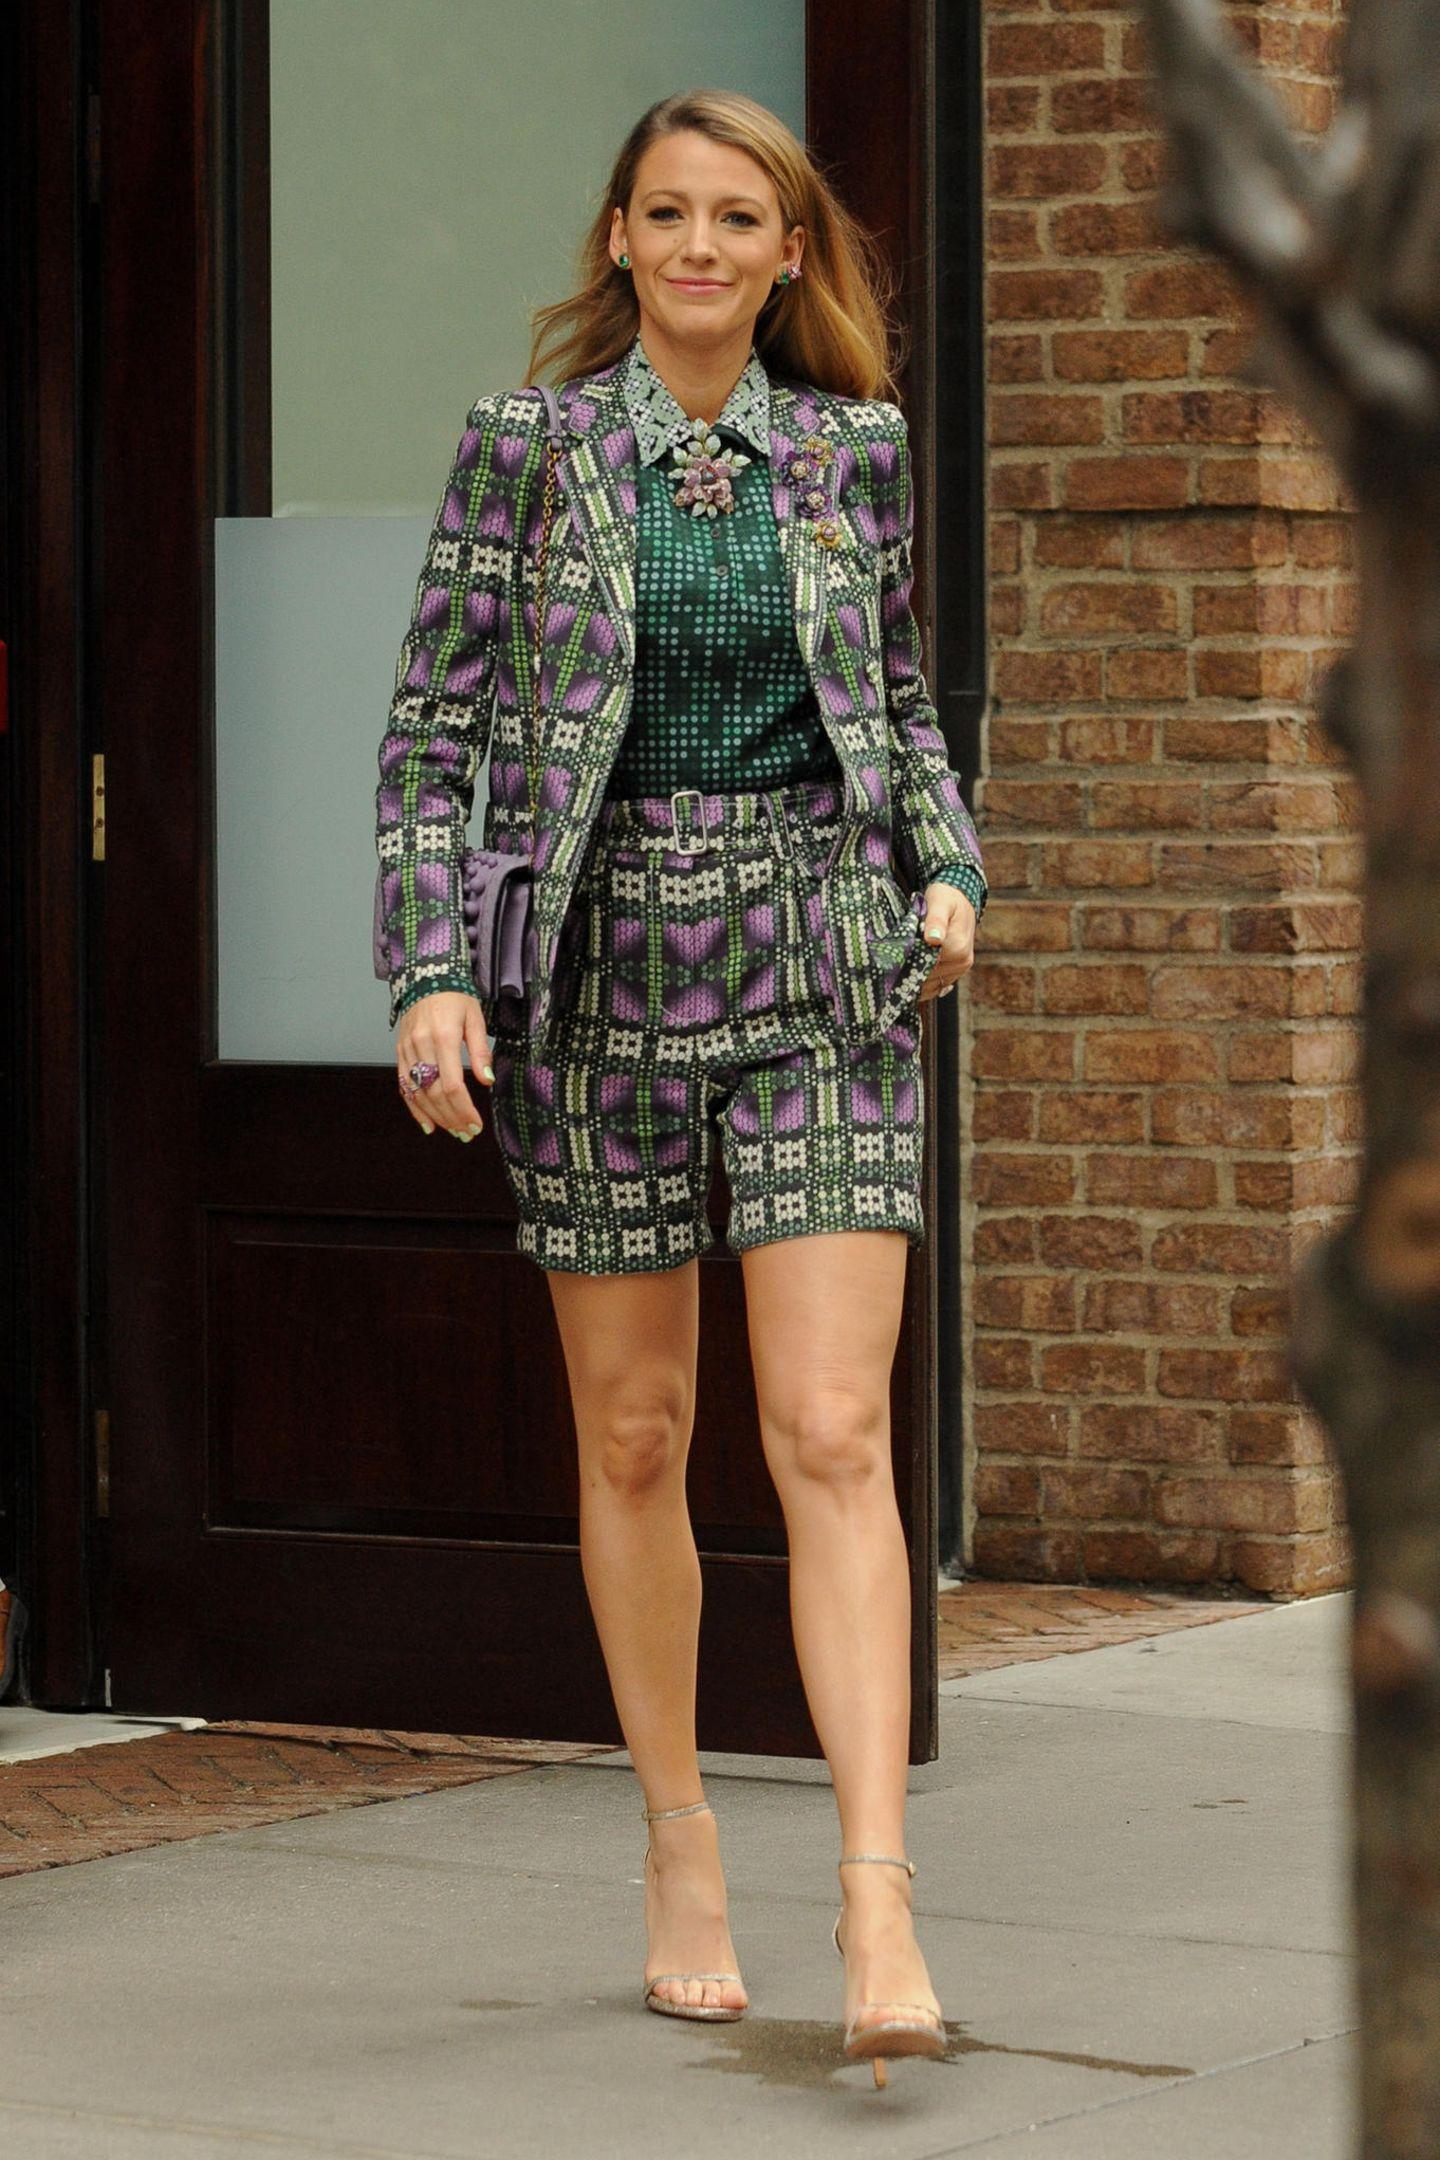 """In einem lila-grün gemusterten Anzug von Bottega Veneta präsentiert uns Blake Lively einen weiteren tollen Look aus der Kategorie """"Sie kann wirklich alles tragen"""". Während andere Damen vor den vielen Mustern und Farben zurückscheuen würden, legt sie einen absoluten Wow-Auftritt hin. Die hellen Riemchen-Heels von Stuart Weitzman strecken das Bein optisch."""